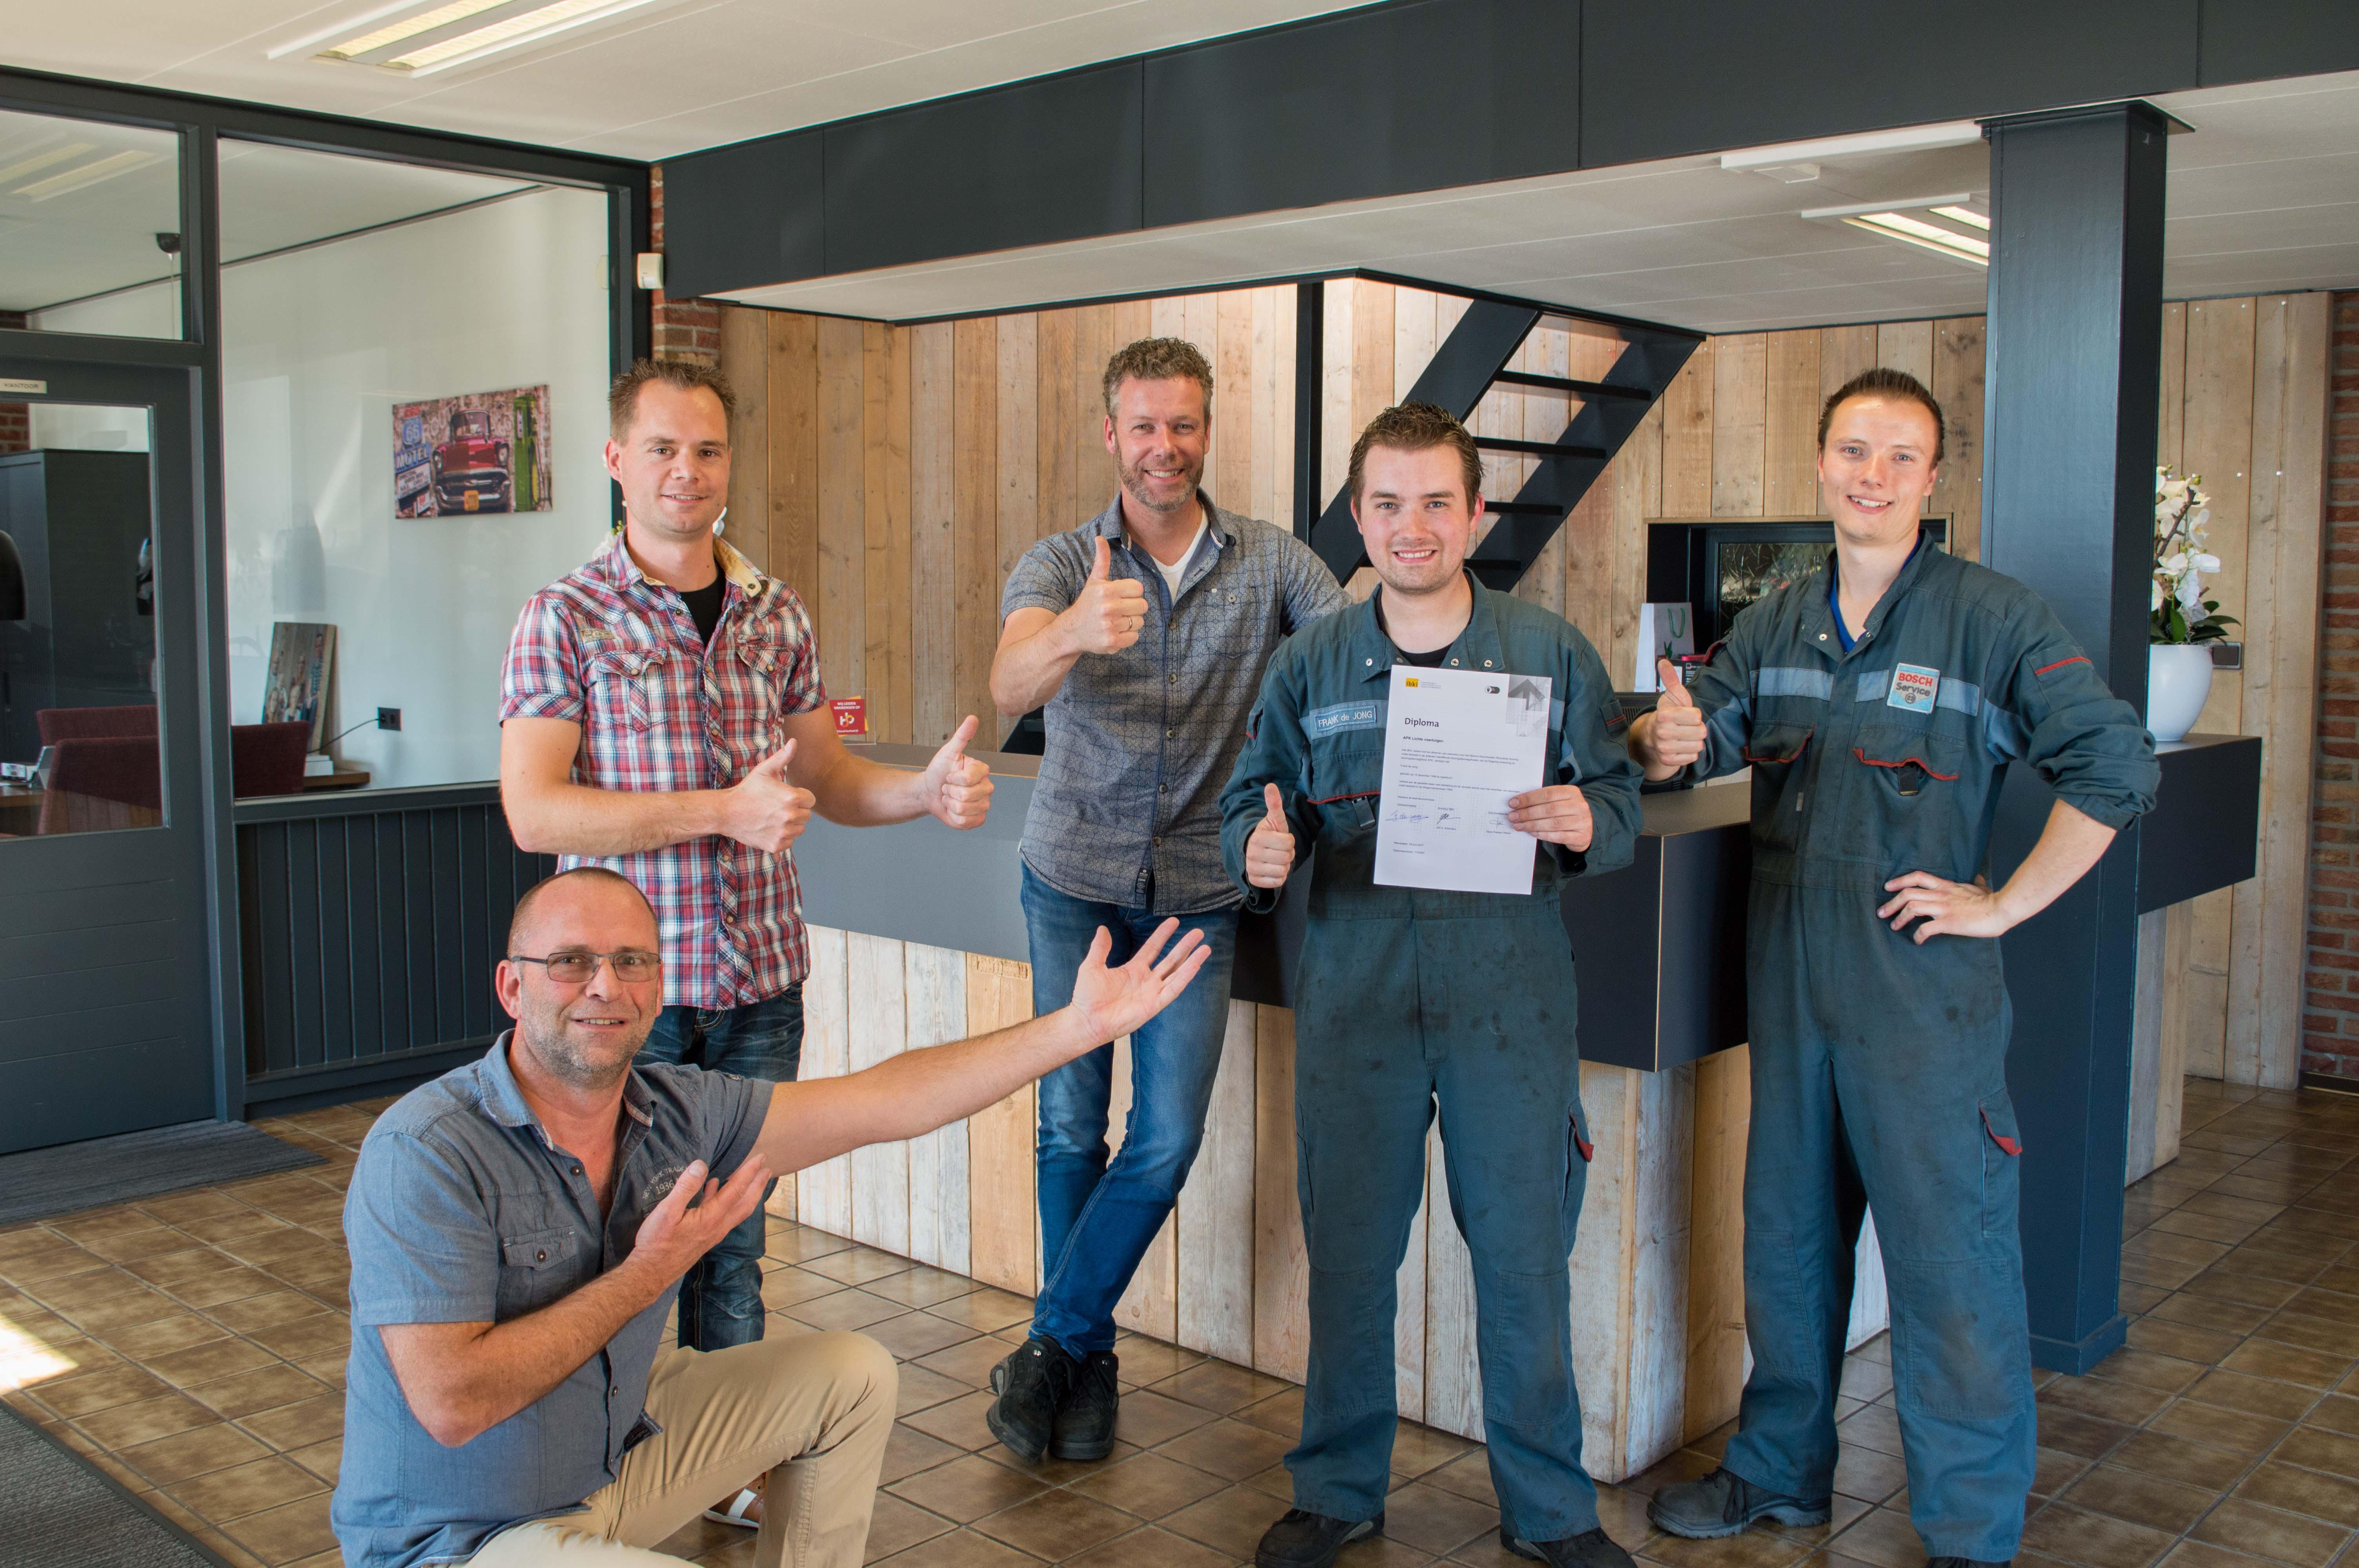 Frank de Jong geslaagd voor APK examen Autobedrijf van As